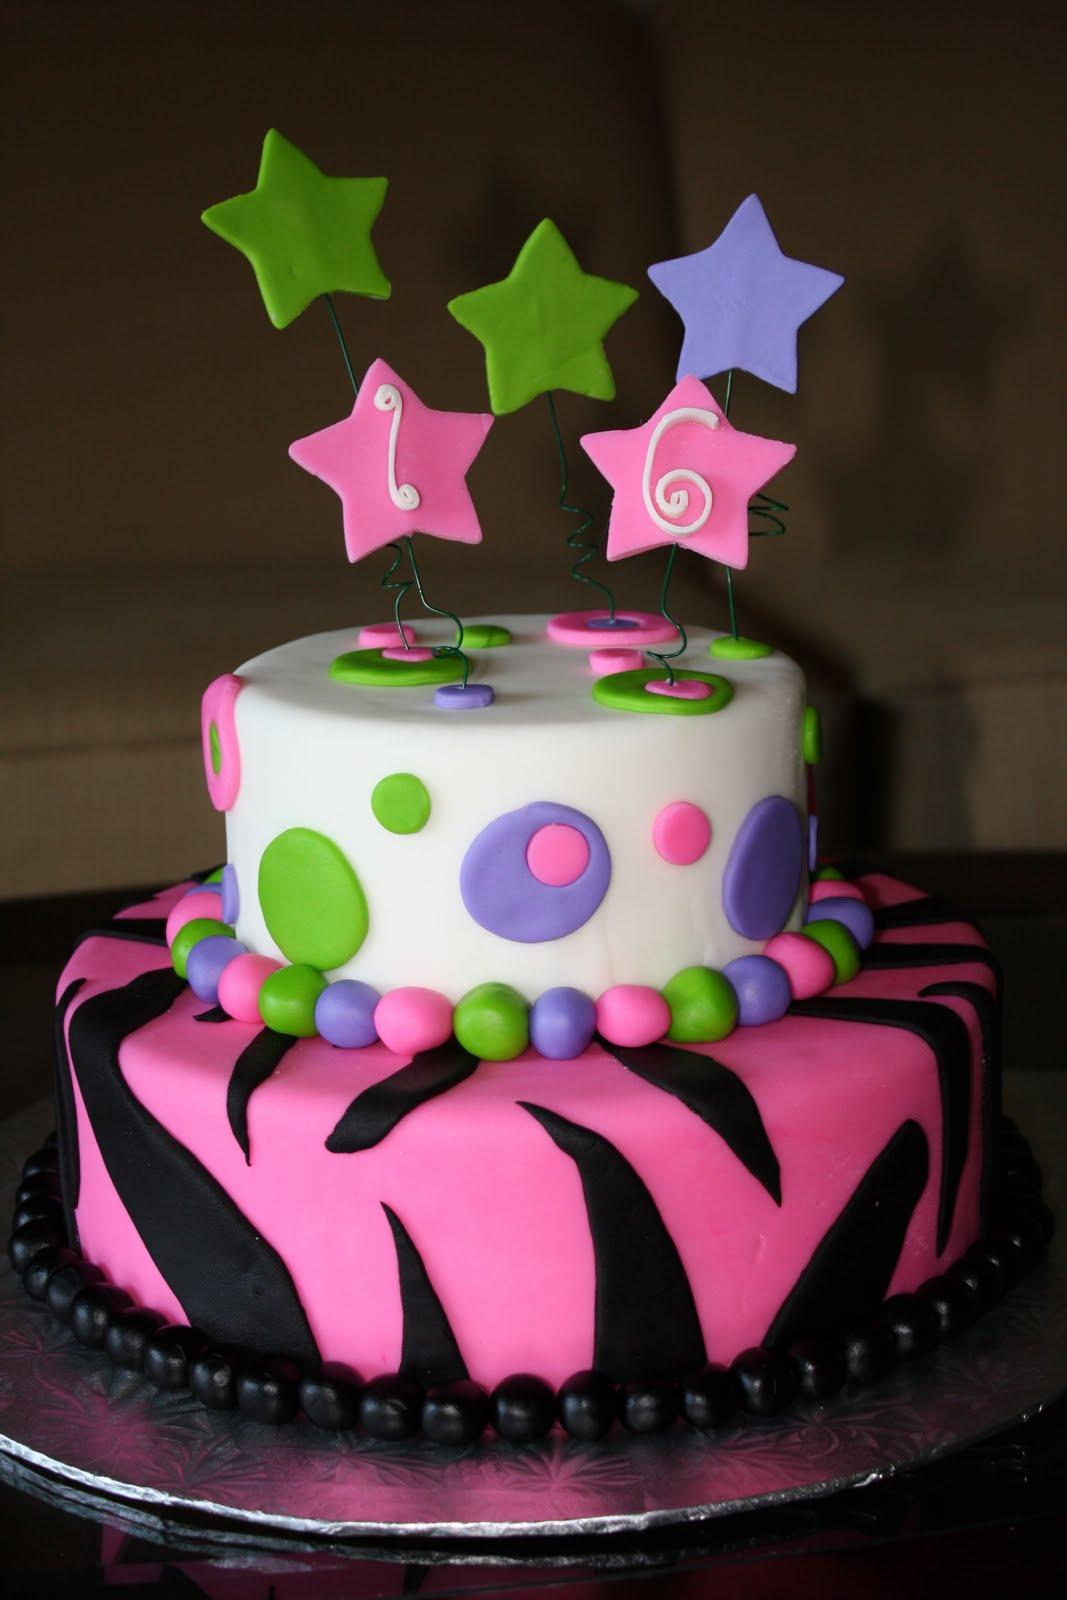 CC's Cake Decorating: Sweet 16 Cake